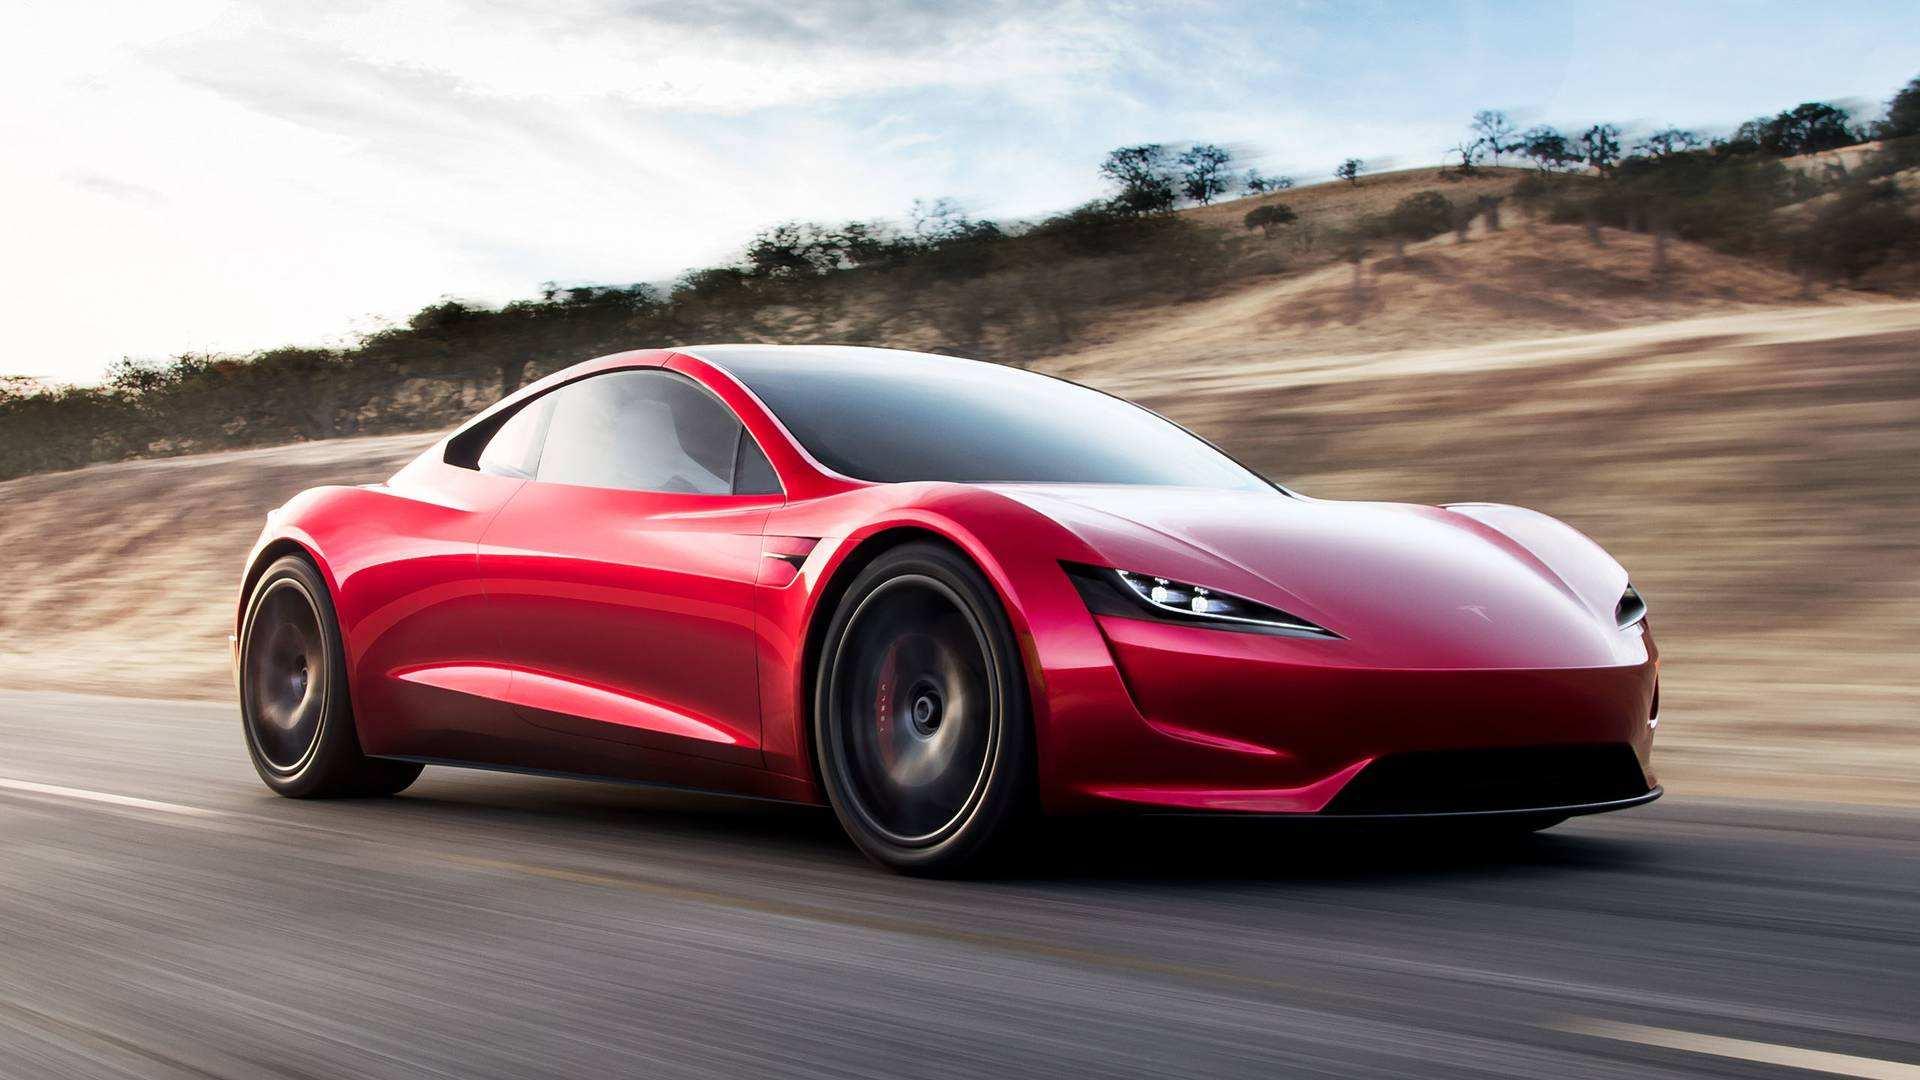 36 Great 2020 Tesla Roadster Torque Release for 2020 Tesla Roadster Torque